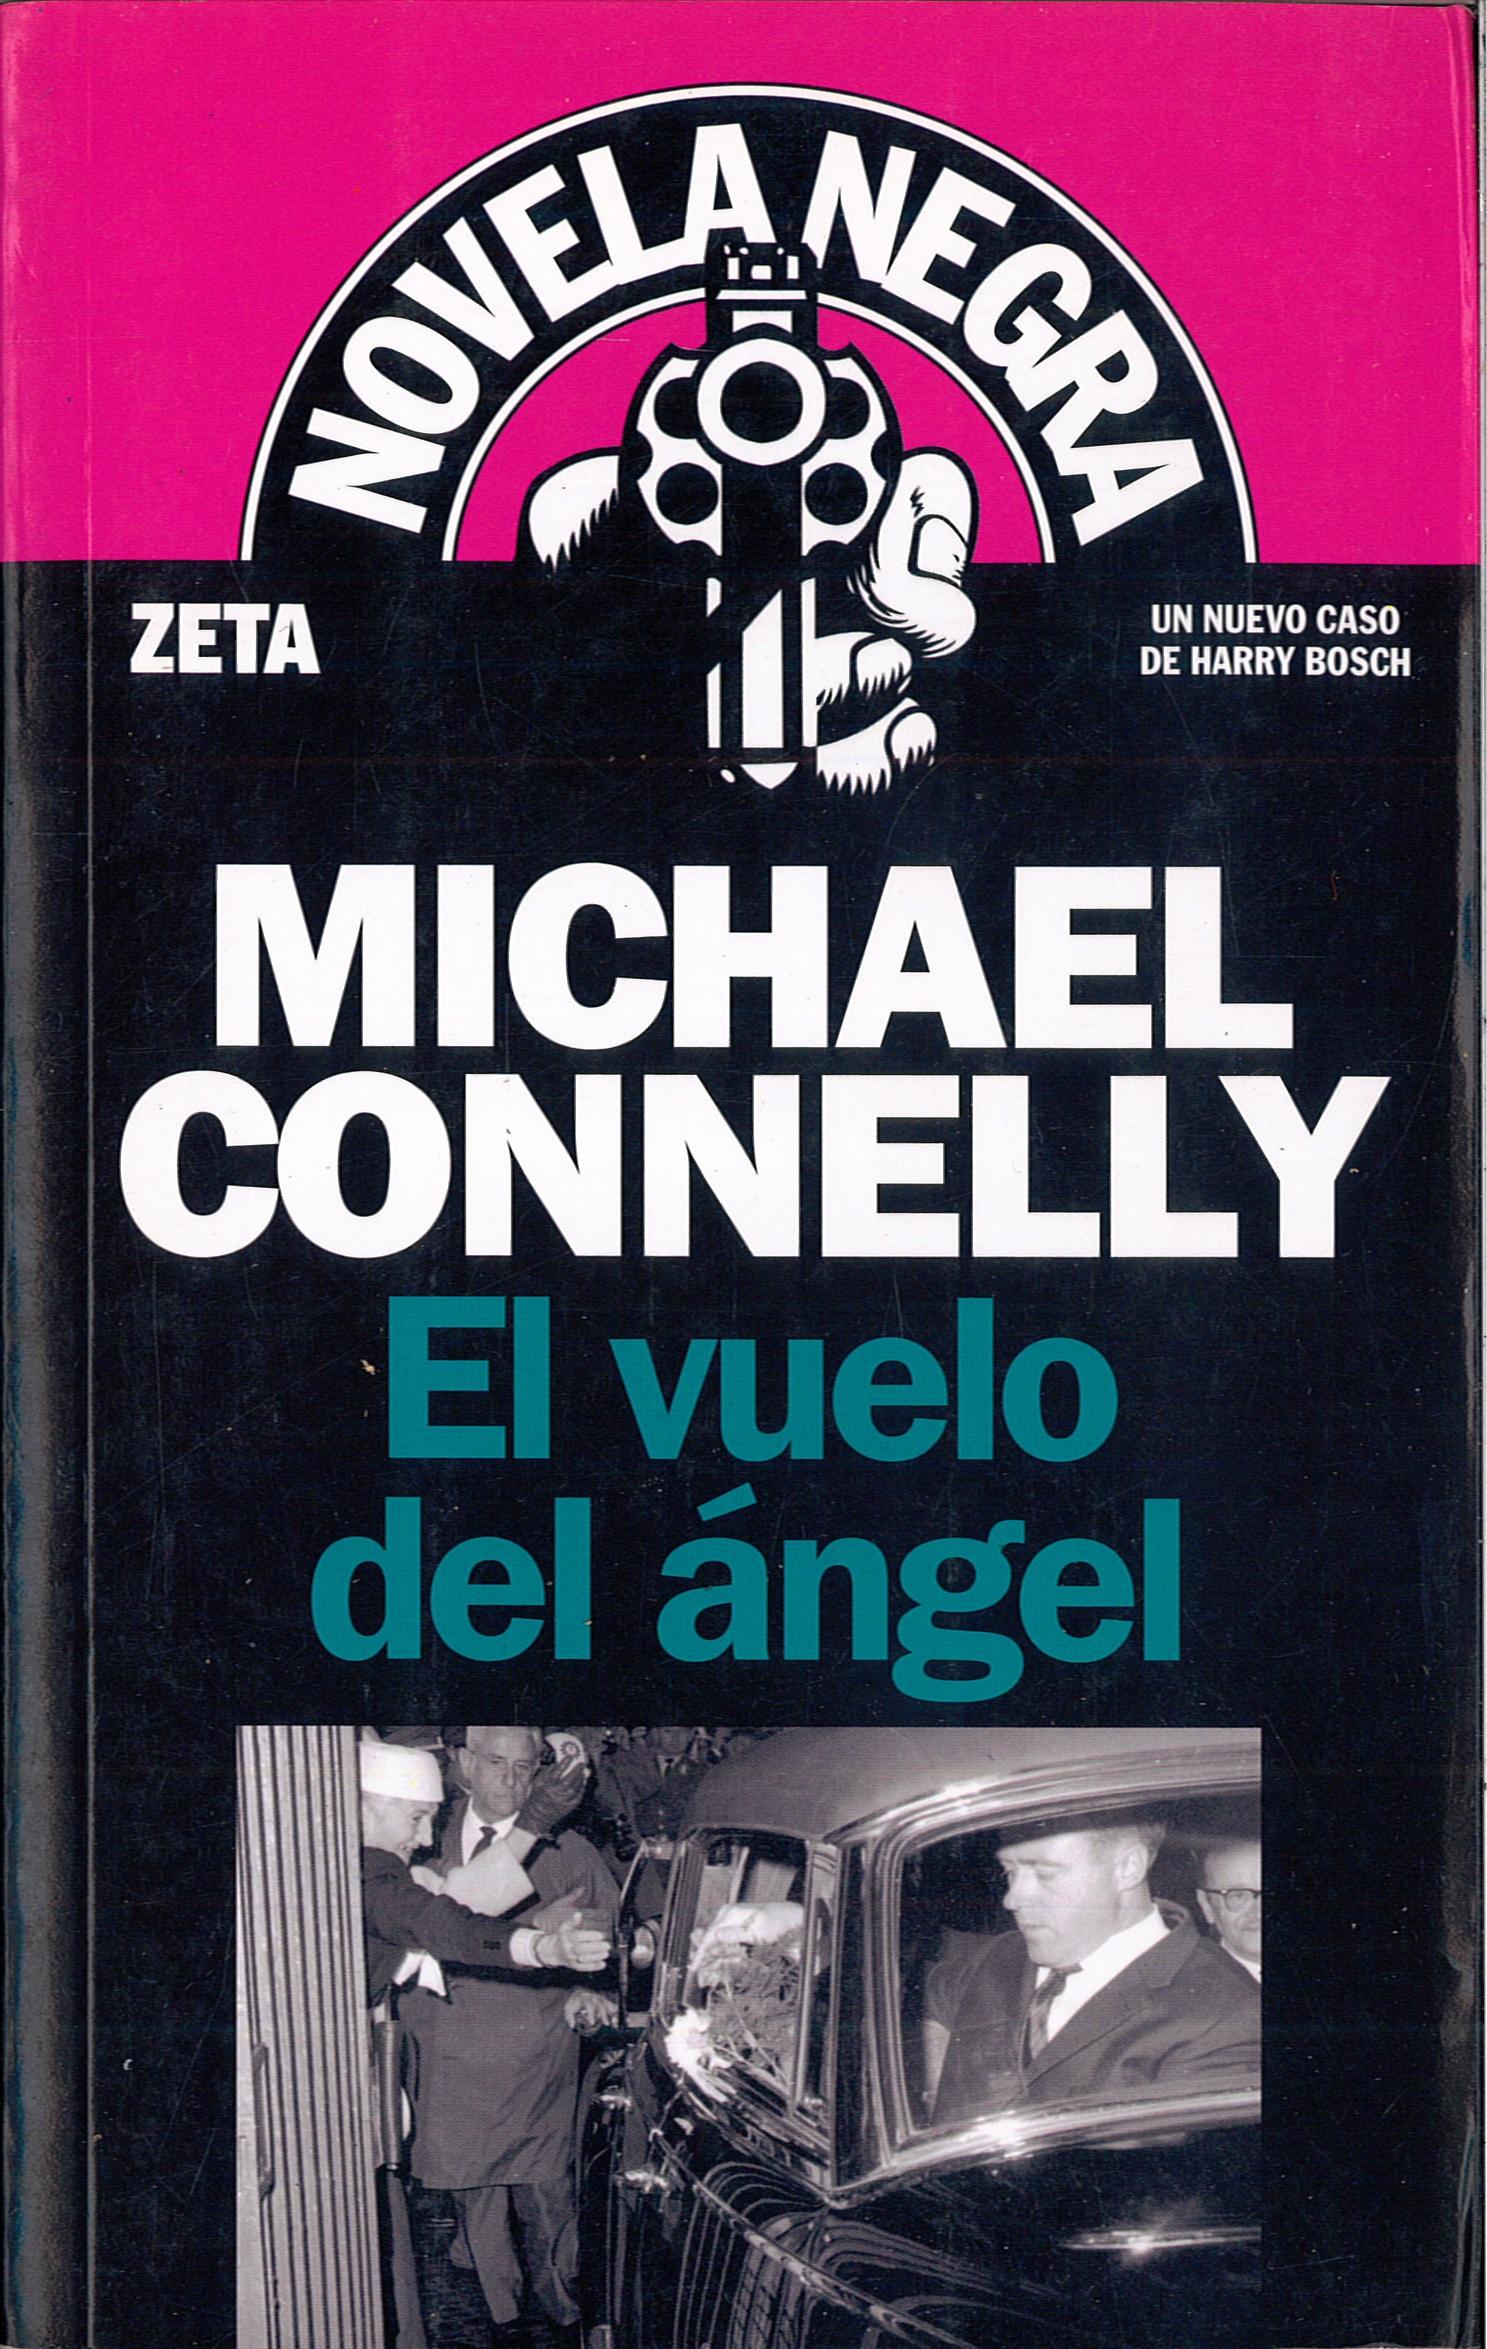 EL VUELO DEL ÁNGEL (Michael Connelly).